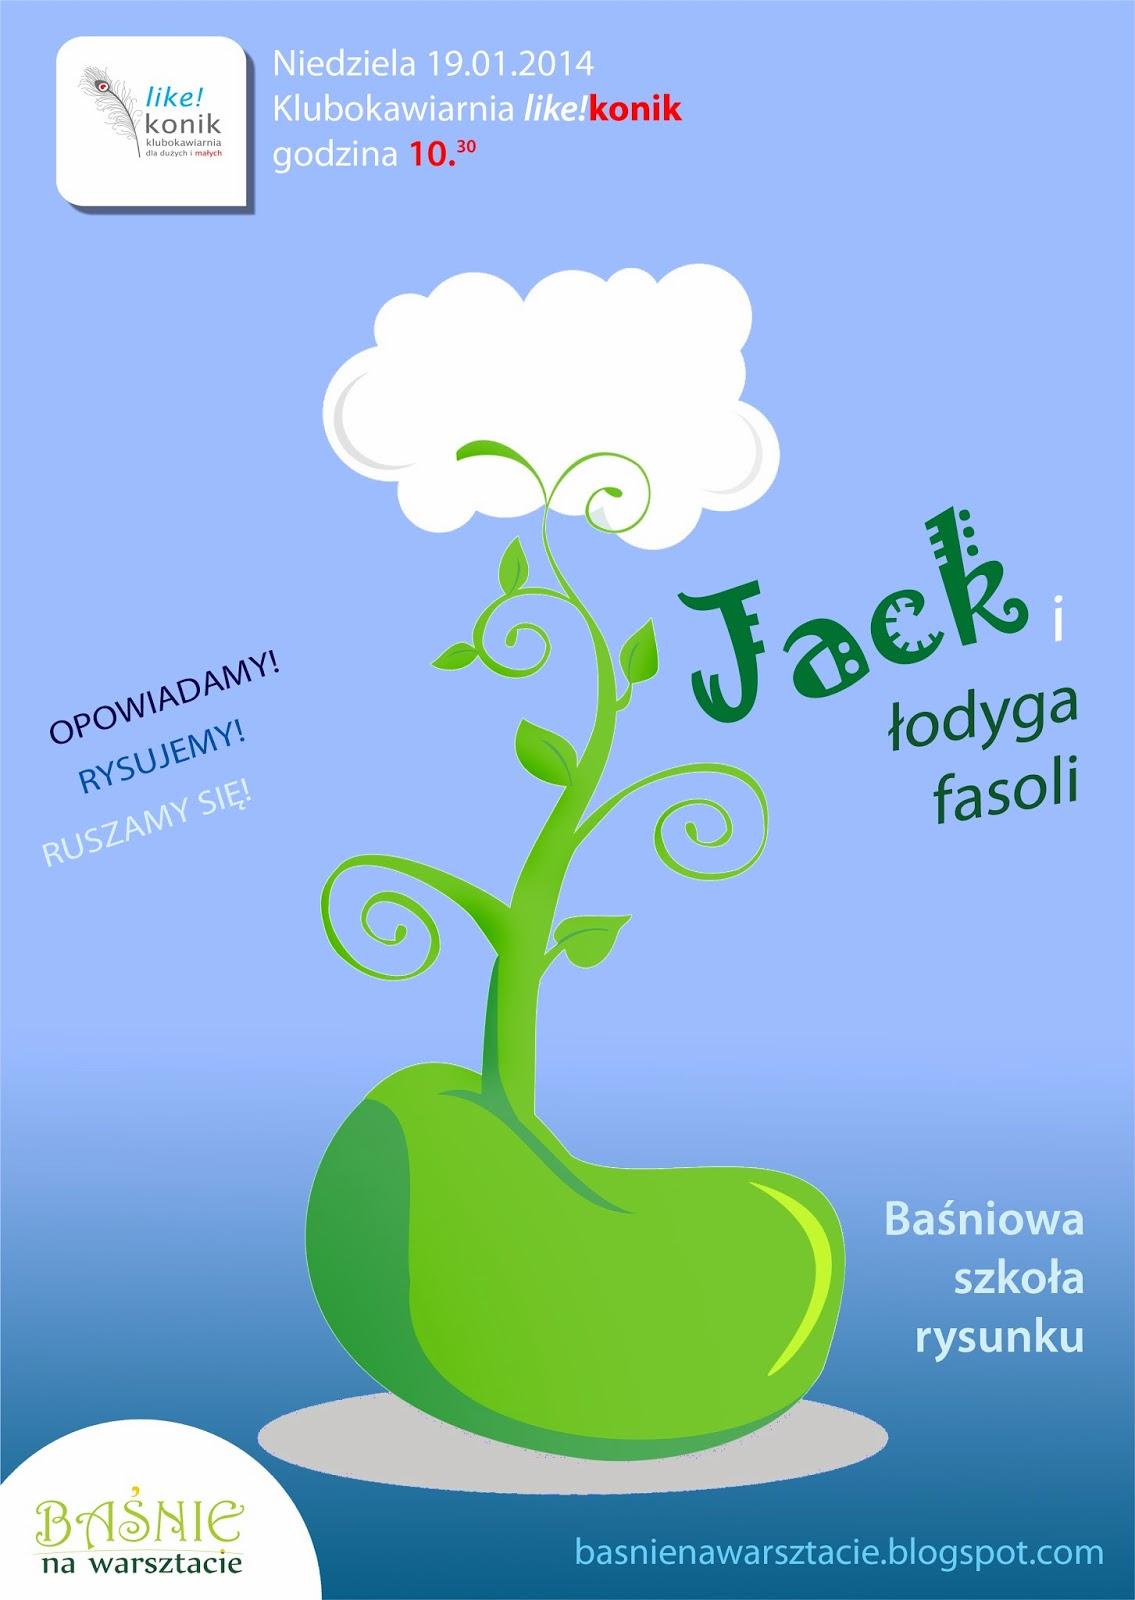 baśnie na warsztacie, like!konik, Jack i łodyga fasoli, baśnie dla dzieci, Mateusz Świstak,, baśnie braci grimm, baśnie andersena